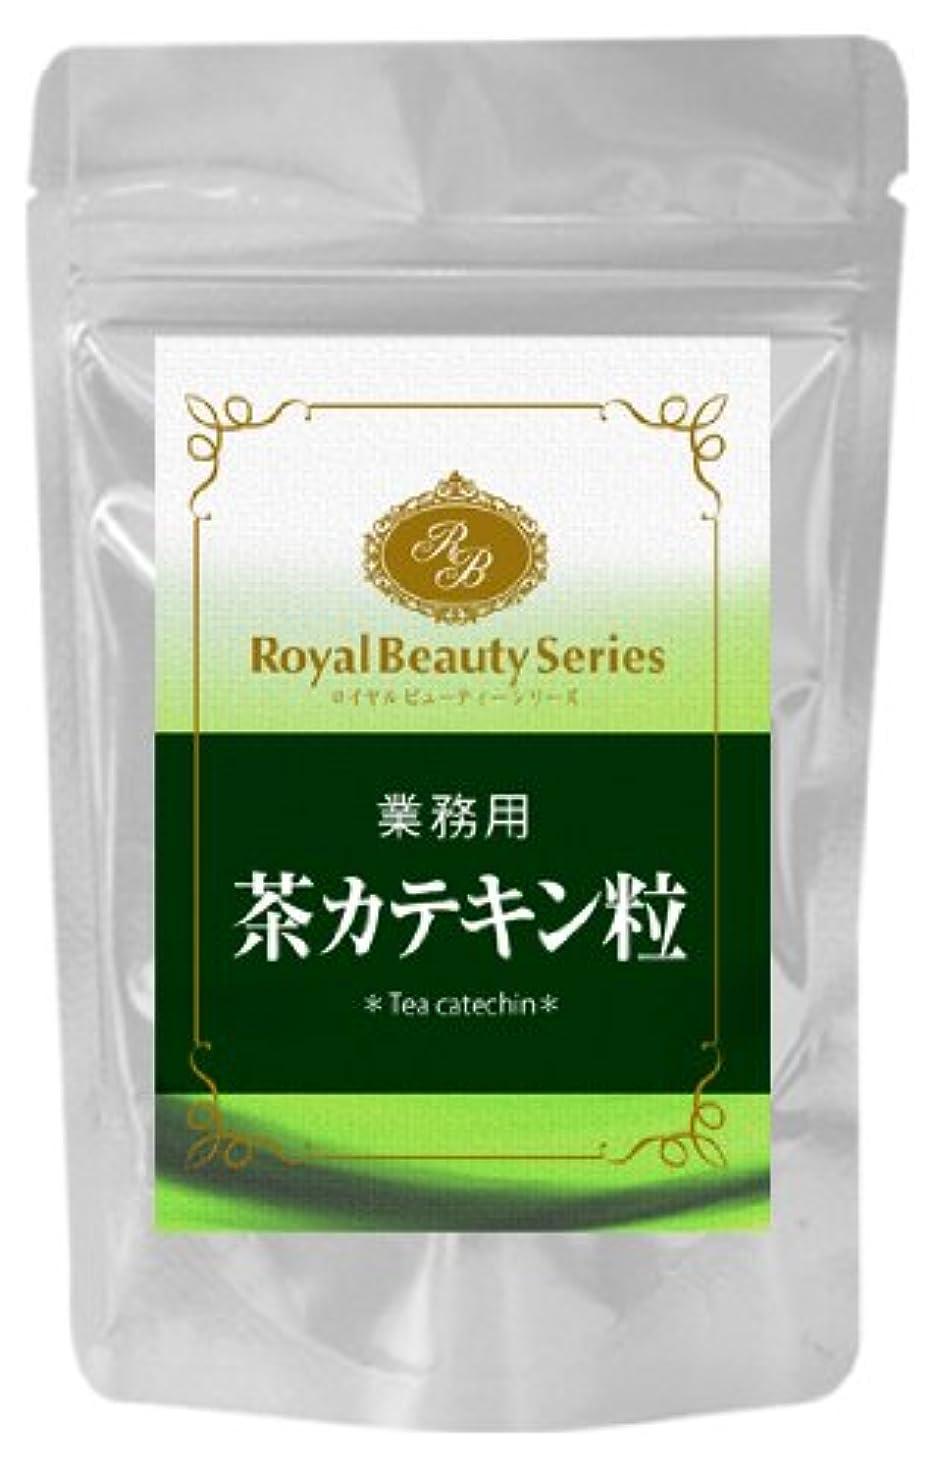 グレートバリアリーフ政令捧げるロイヤルビューティーシリーズ 業務用 茶カテキン粒 300mg x270粒